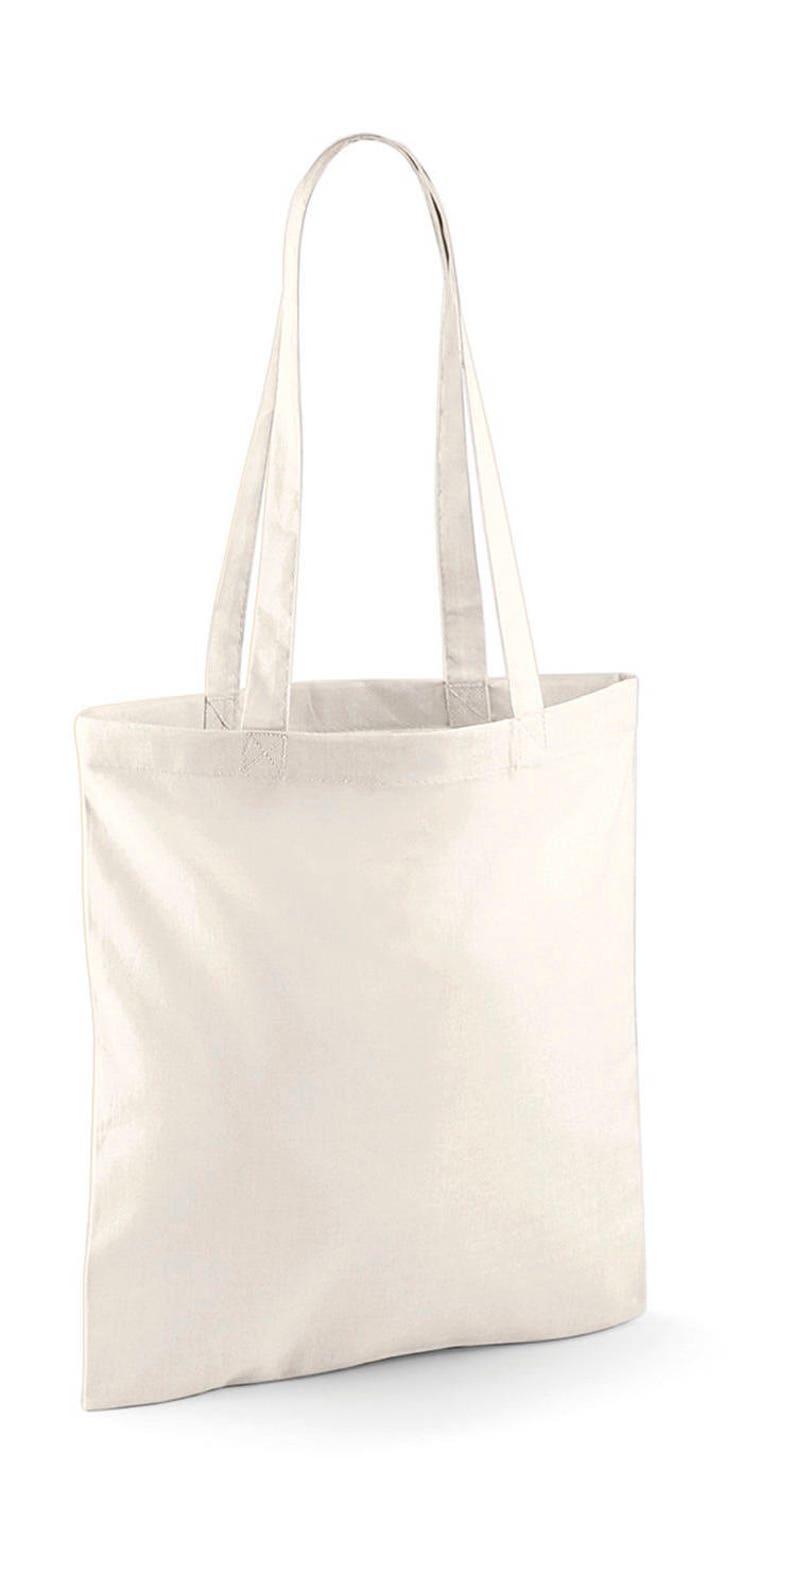 2368b9e451 Tote bag vierge couleur naturel tout marquage possible flex | Etsy